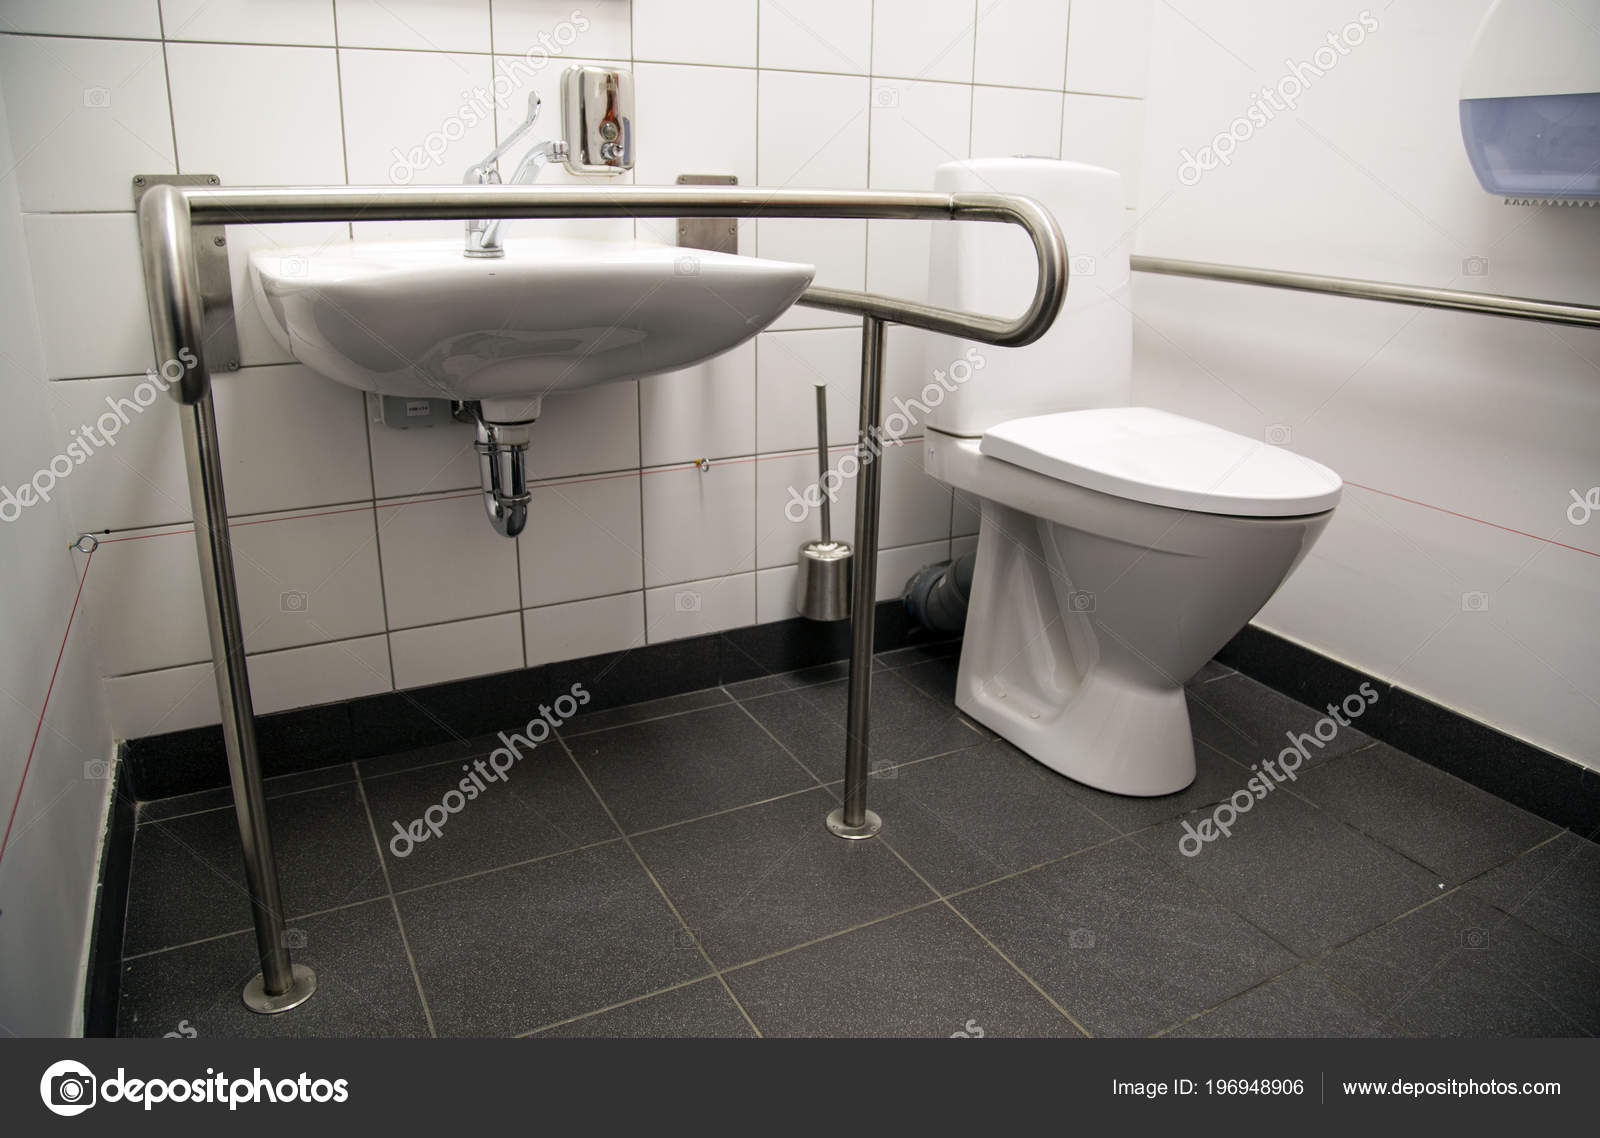 Behindertengerechter Zugang Badezimmer Mit Haltegriffe Und Eine ...